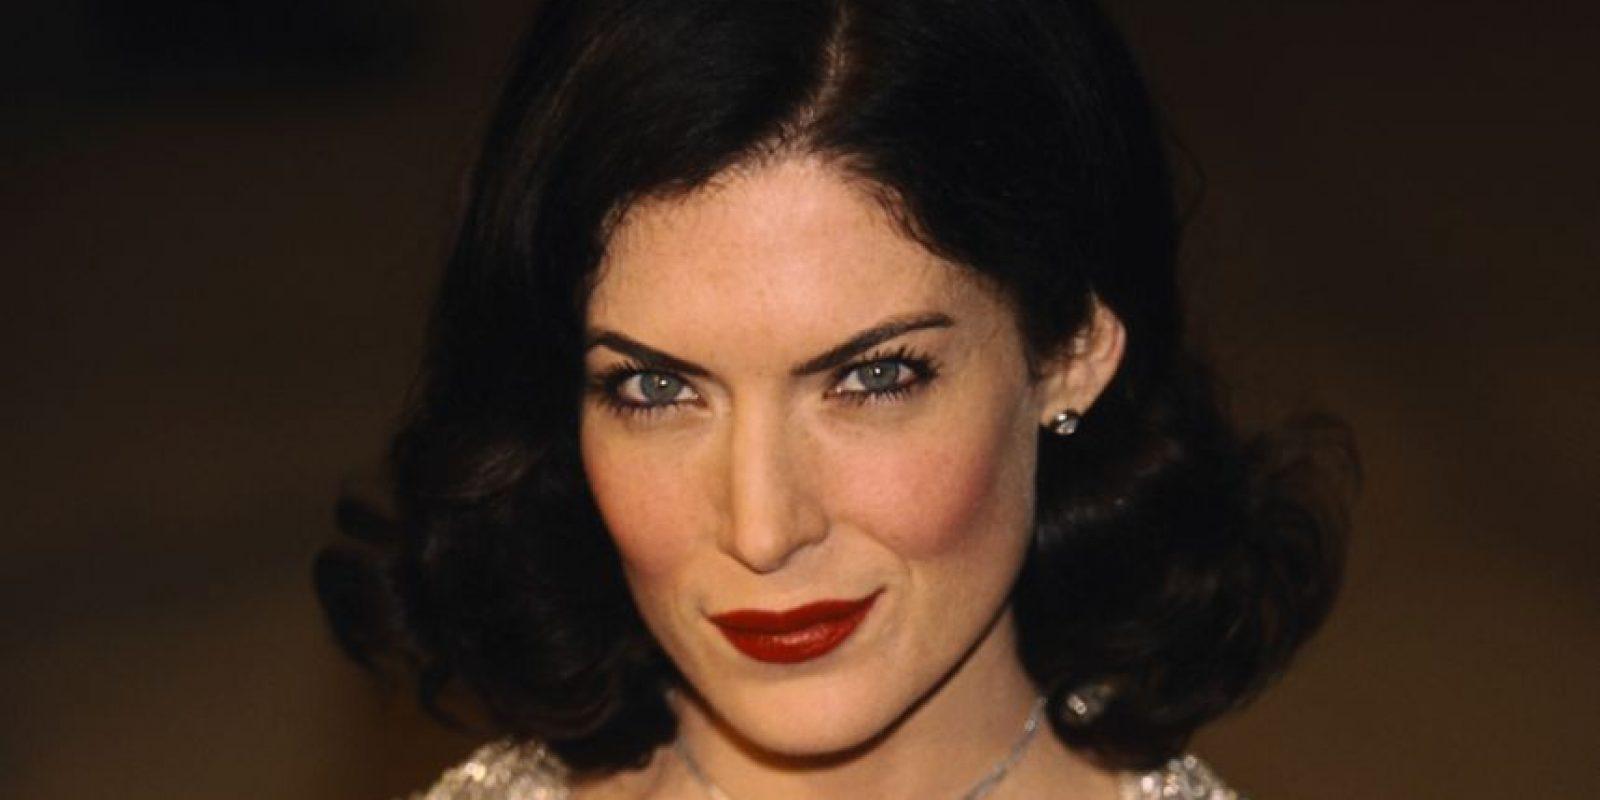 Comenzó a hacer cambios en su cara debido a que perdía papeles ante actrices más jóvenes, según un reportaje del DailyMail. Foto:vía Getty Images